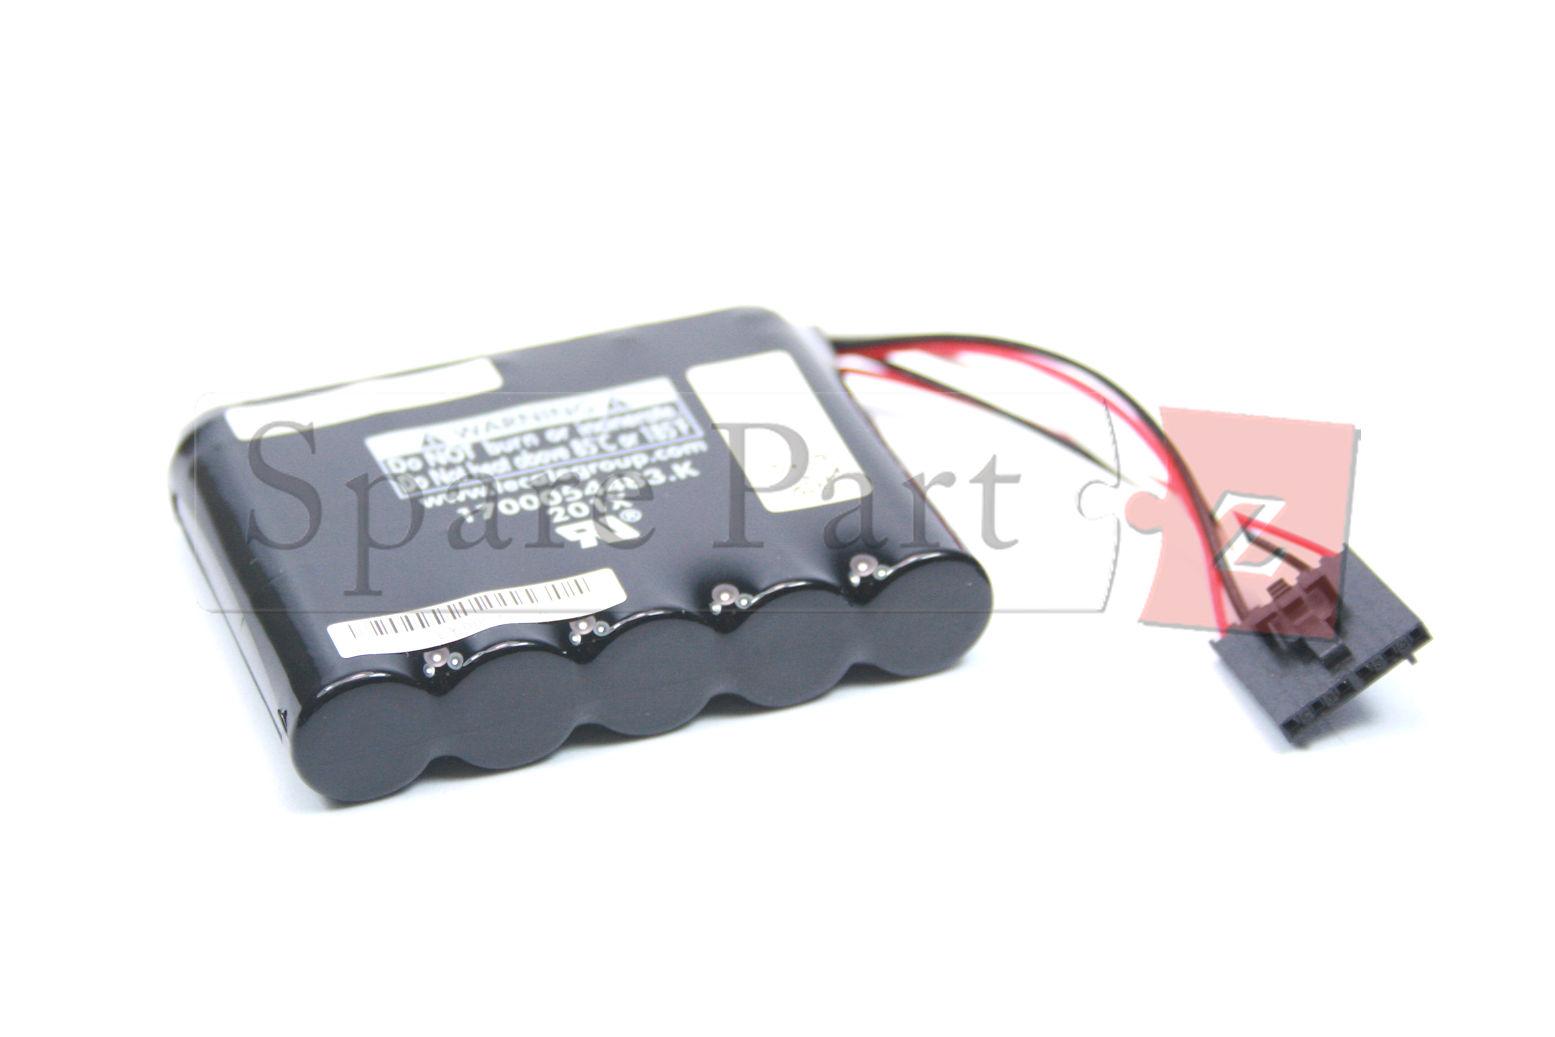 DELL LSI MegaRaid Battery Akku G74XW